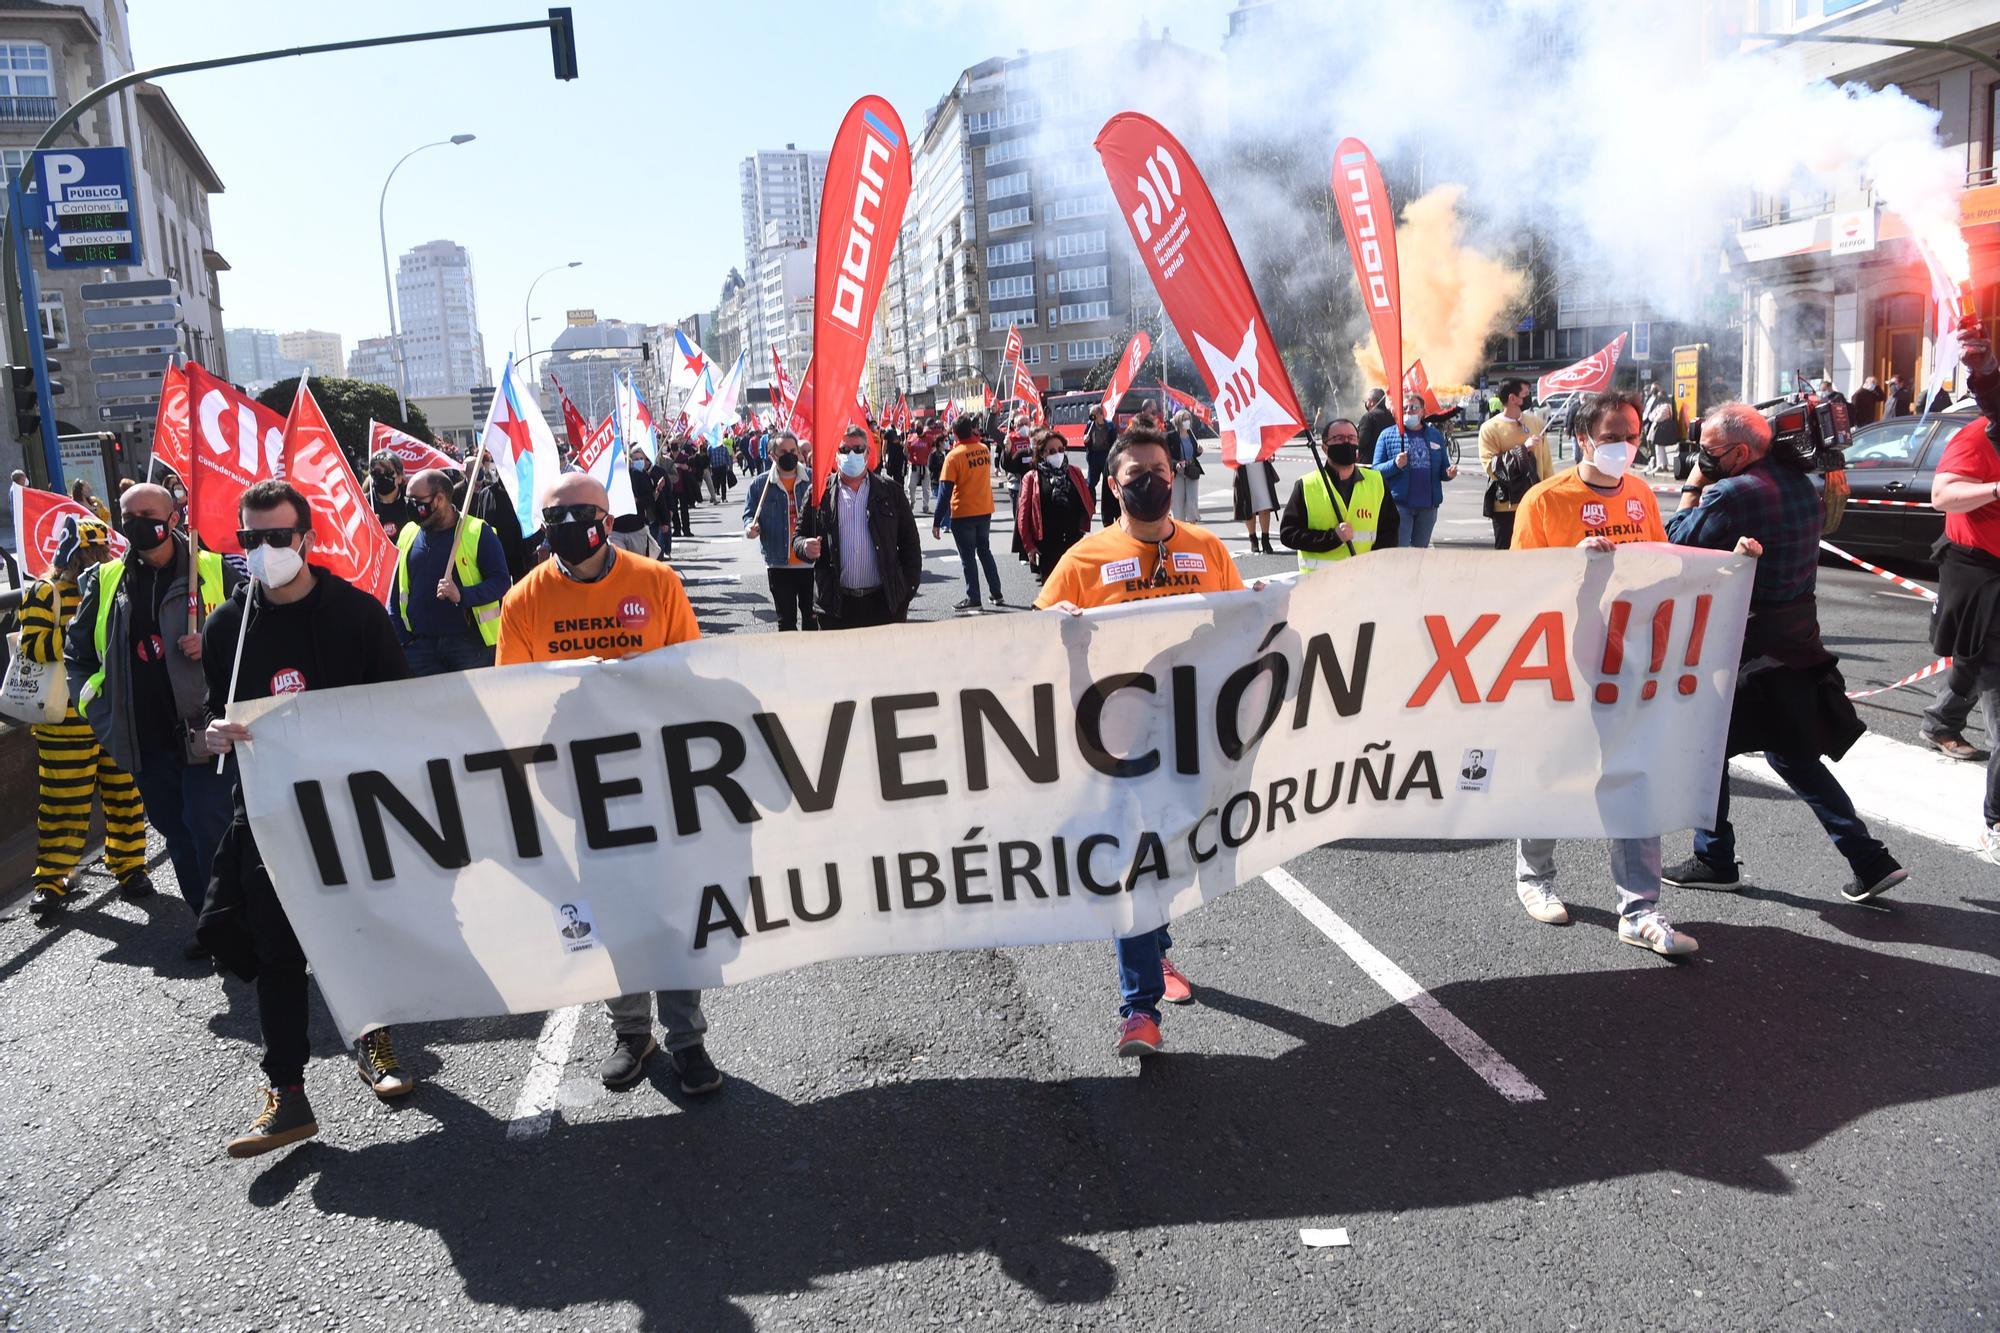 Marcha en A Coruña por Alu Ibérica